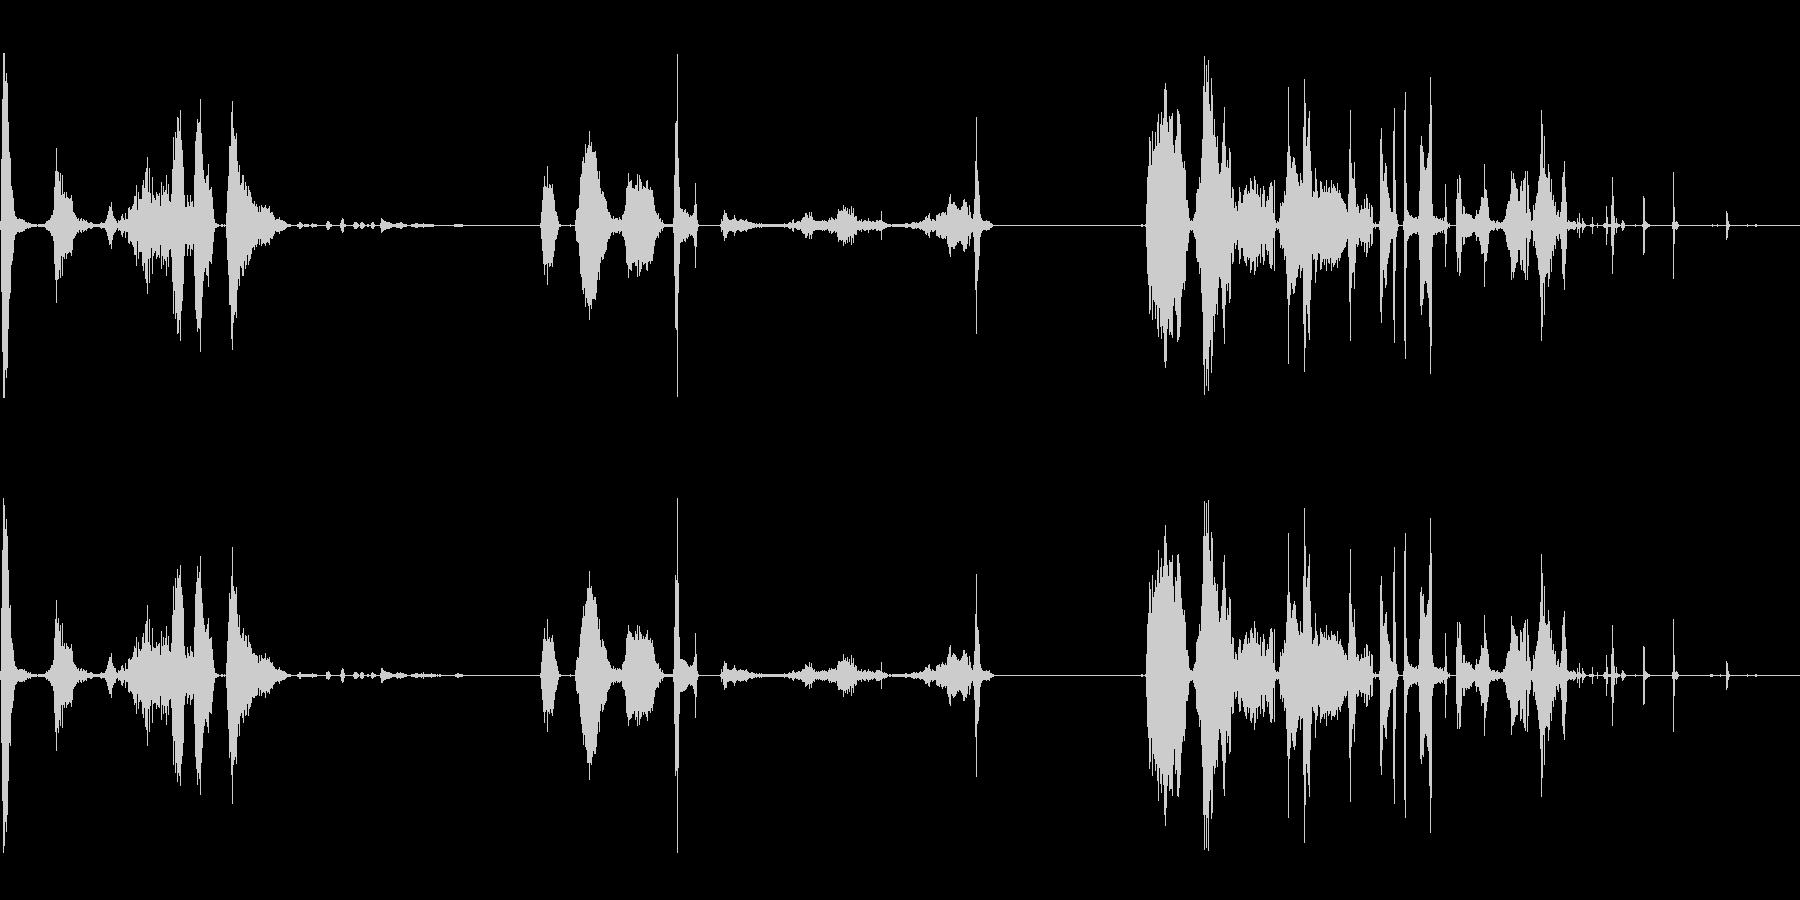 変身、変身、3つのバージョン; D...の未再生の波形